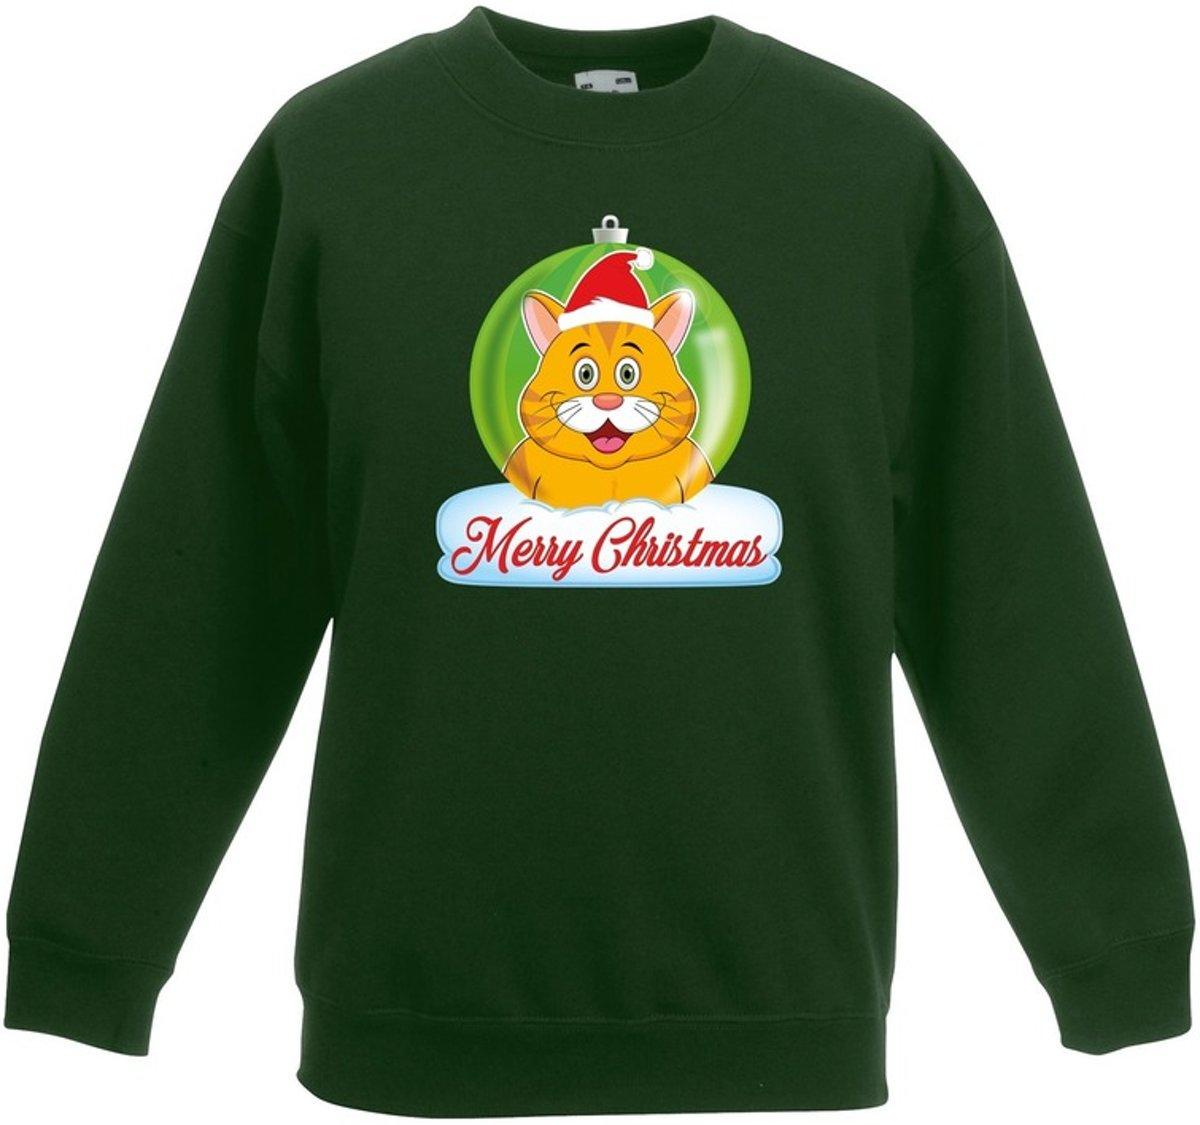 Kersttrui Merry Christmas oranje kat / poes kerstbal groen jongens en meisjes - Kerstruien kind 14-15 jaar (170/176) kopen